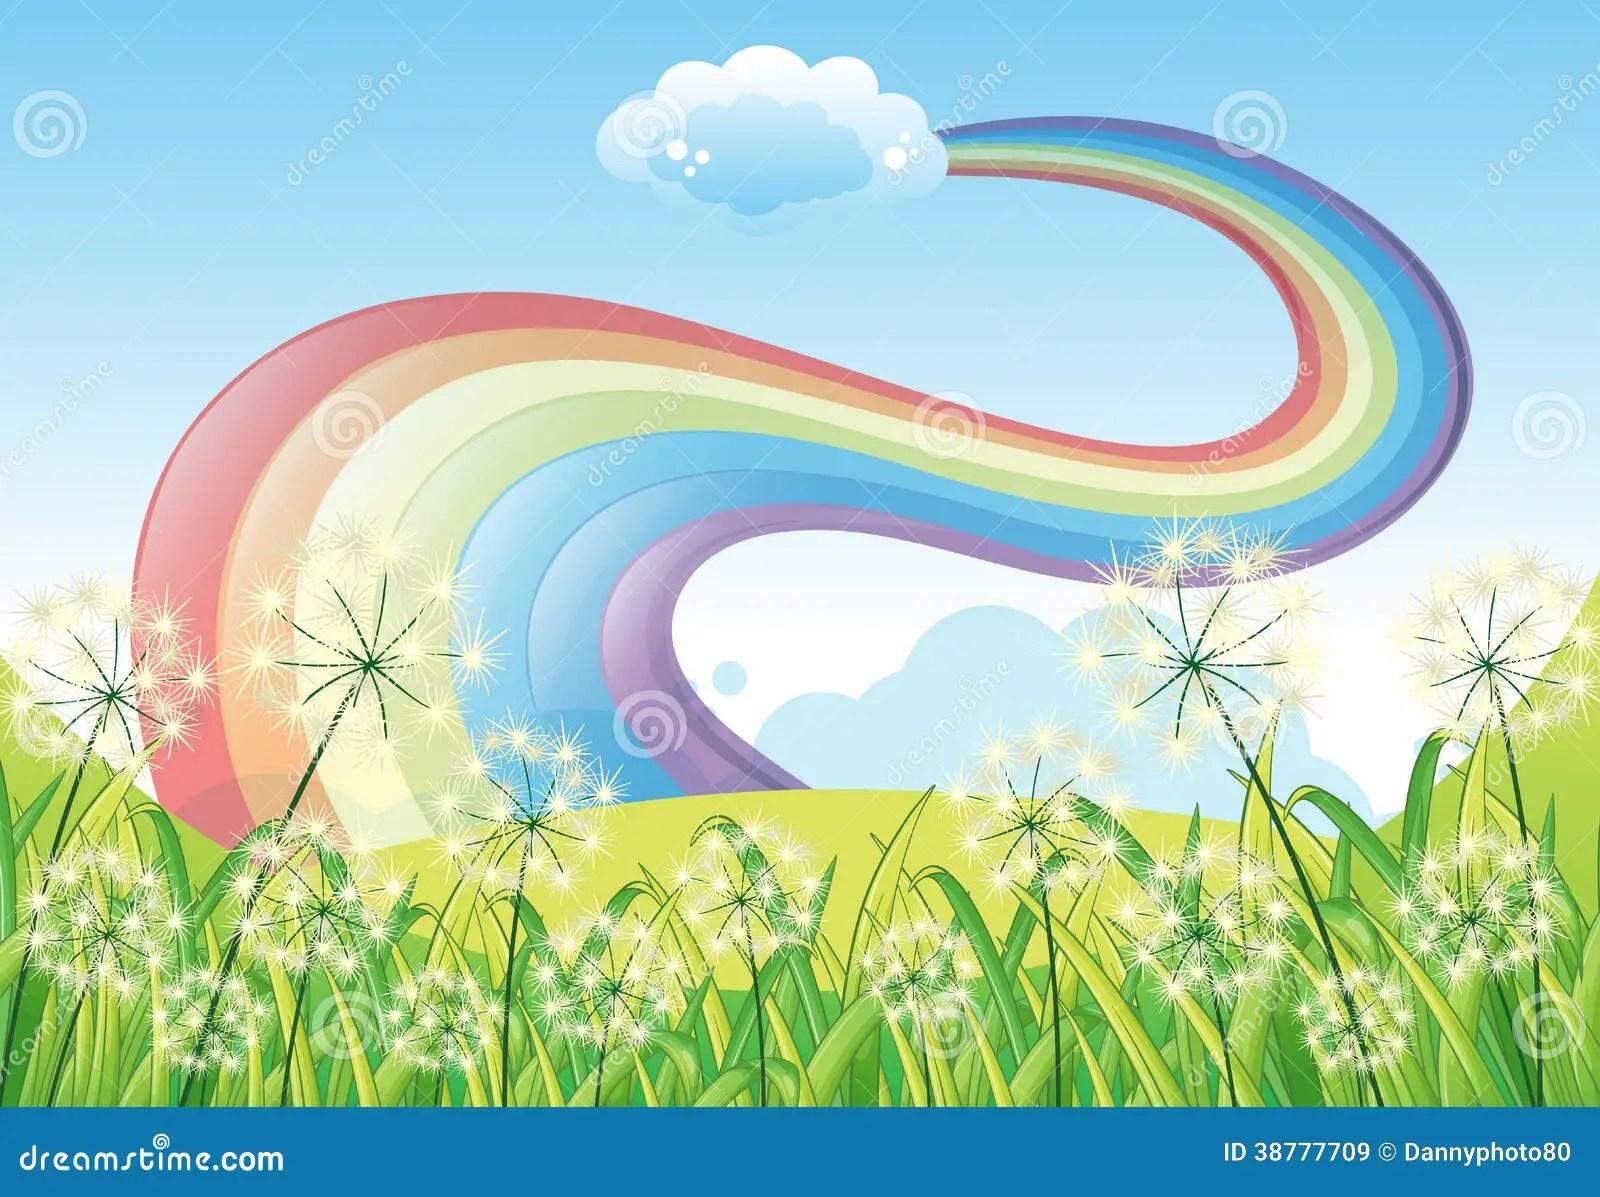 Ein Regenbogen Im Klaren Blauen Himmel Vektor Abbildung